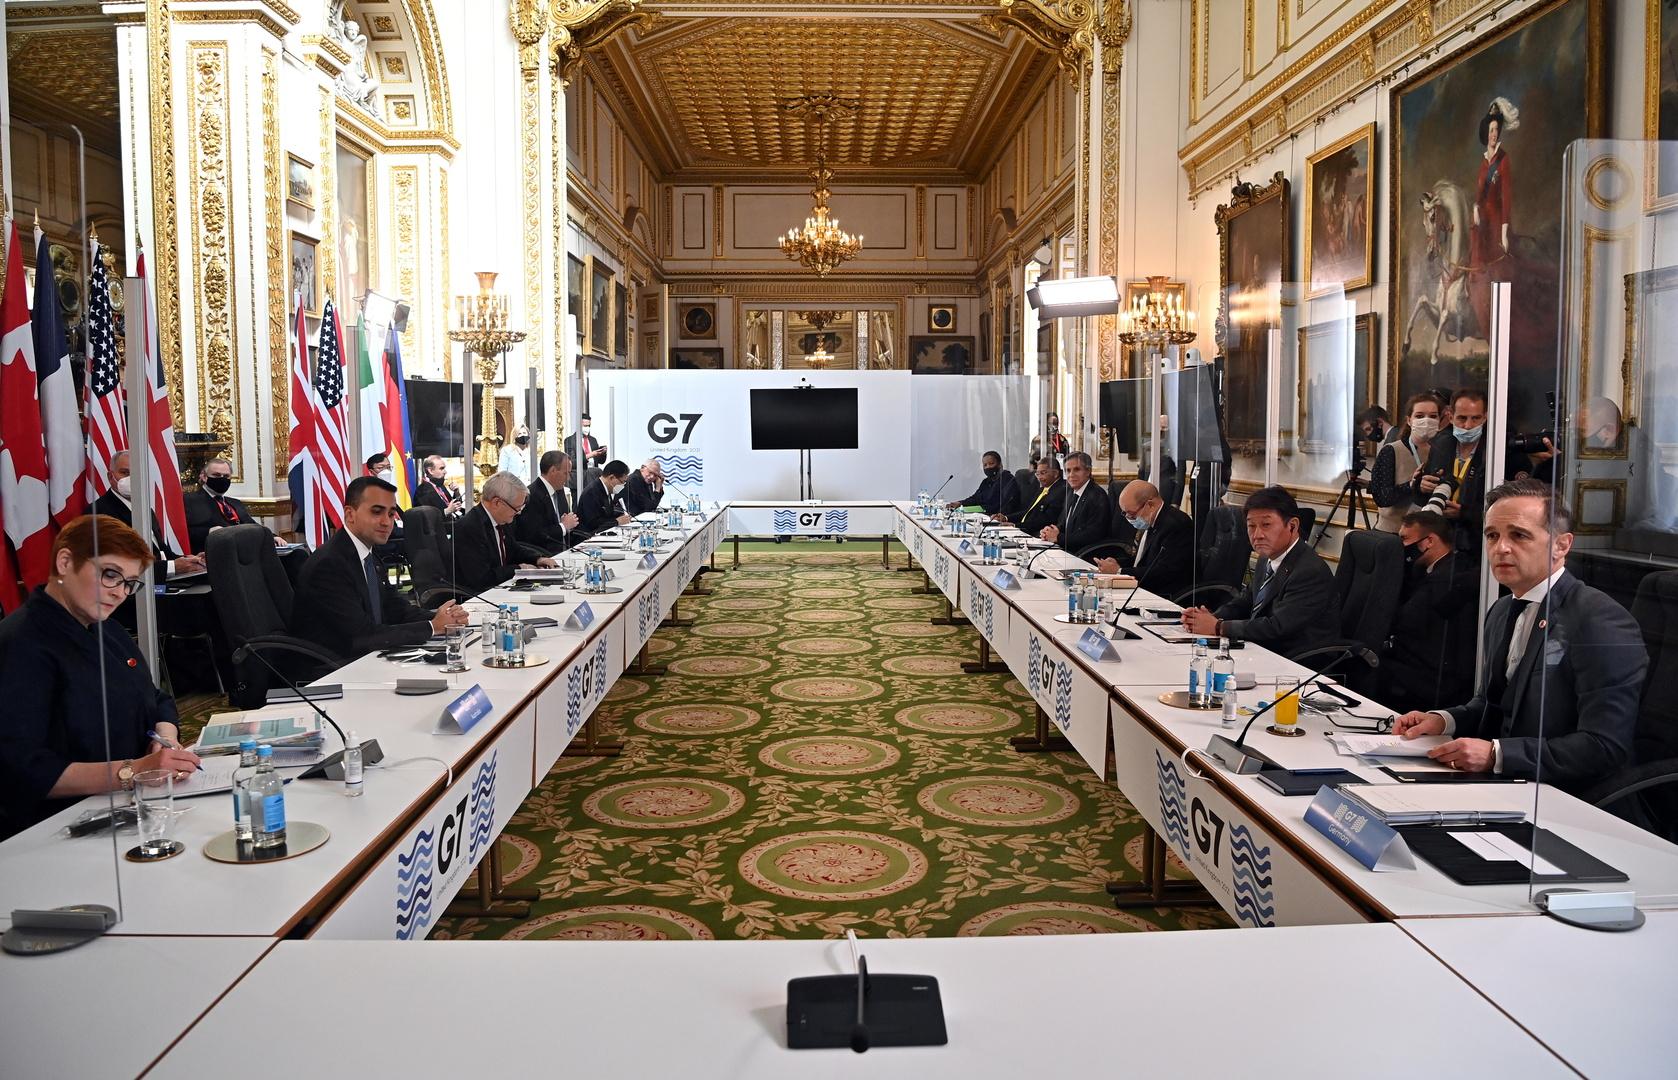 اجتماع لوزراء خارجية مجموعة الدول السبع الكبار في لندن.